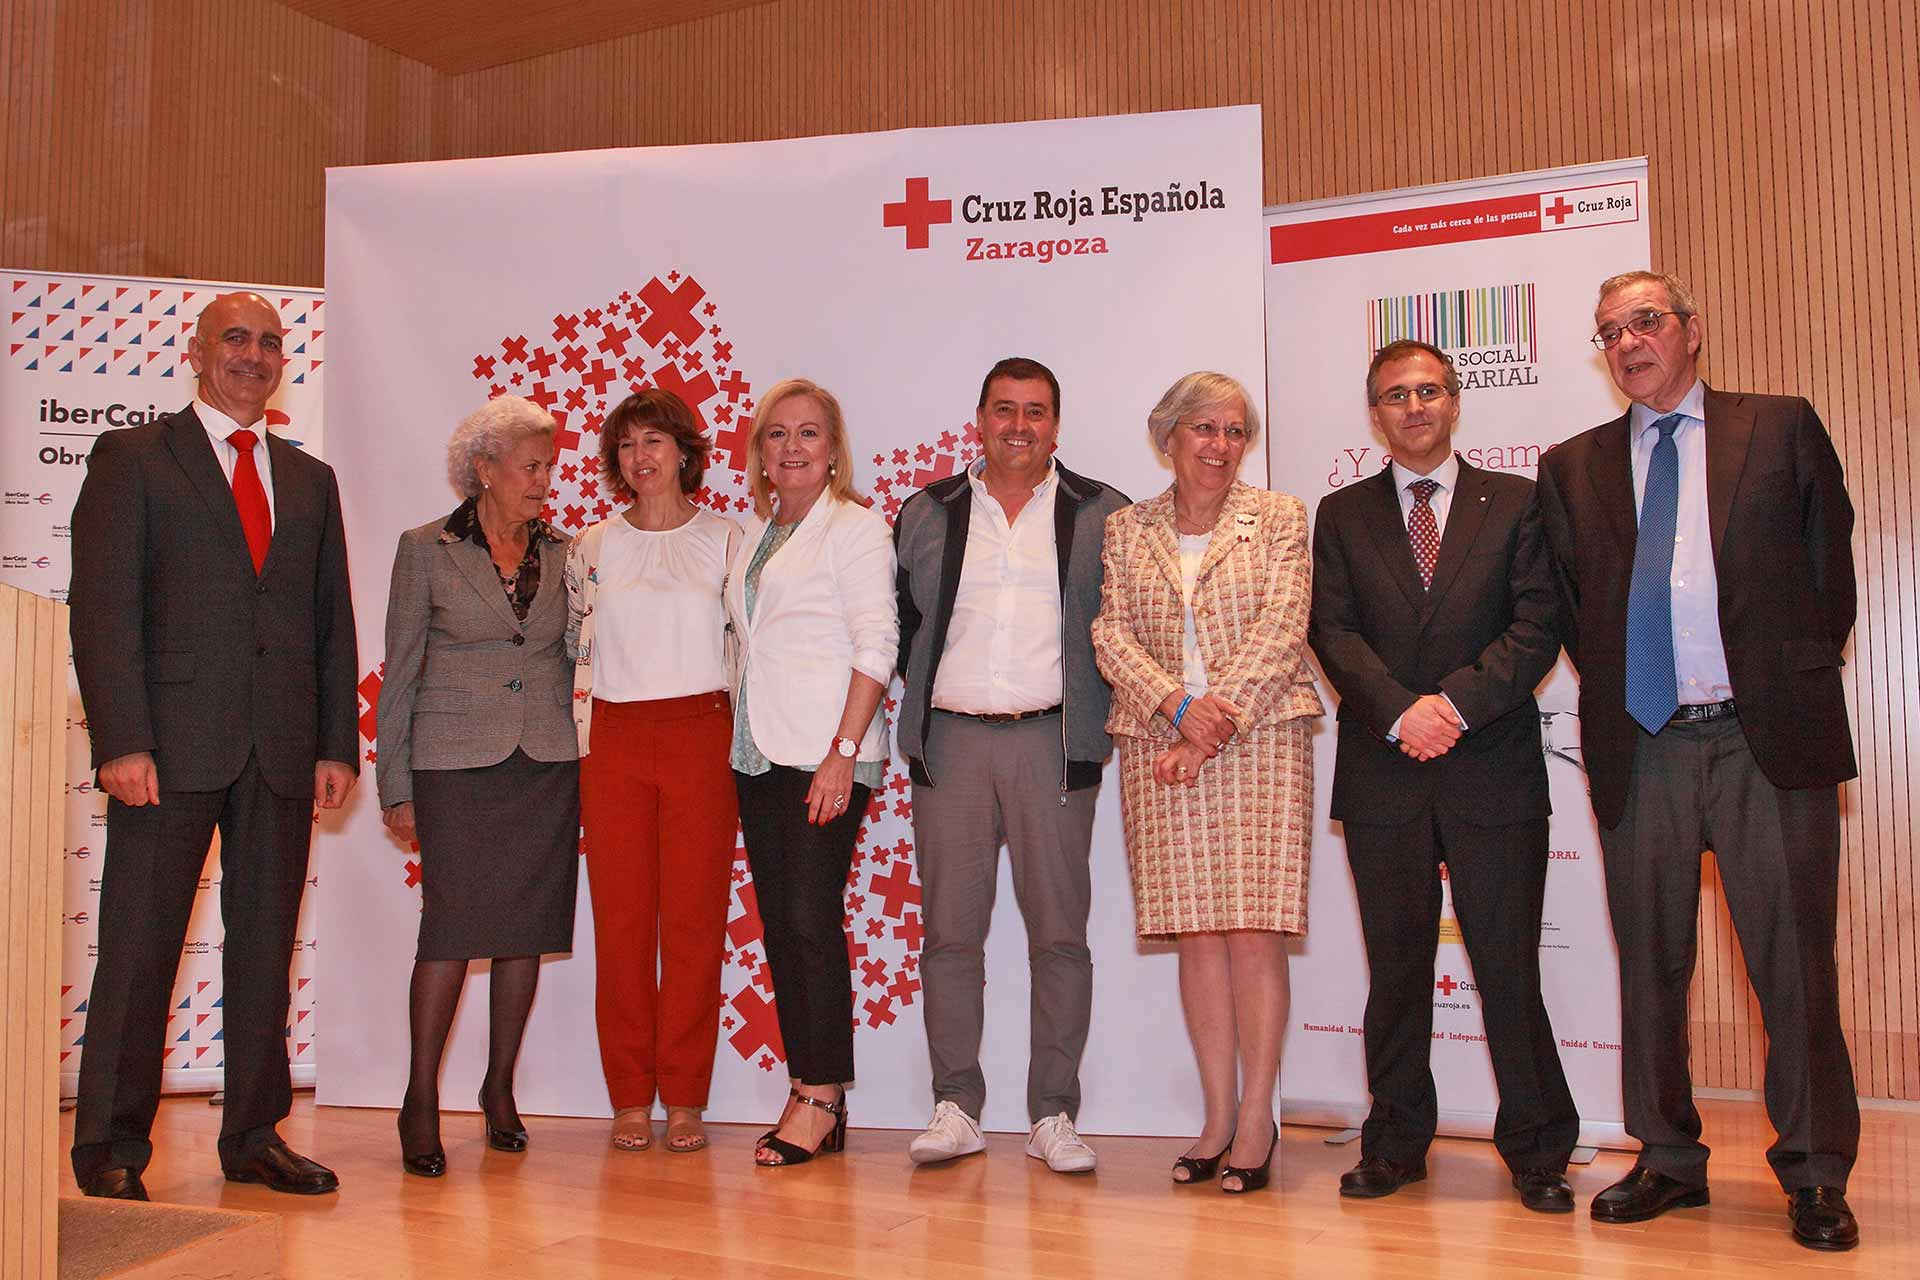 Cruz Roja en Zaragoza - Generando mercados inclusivos